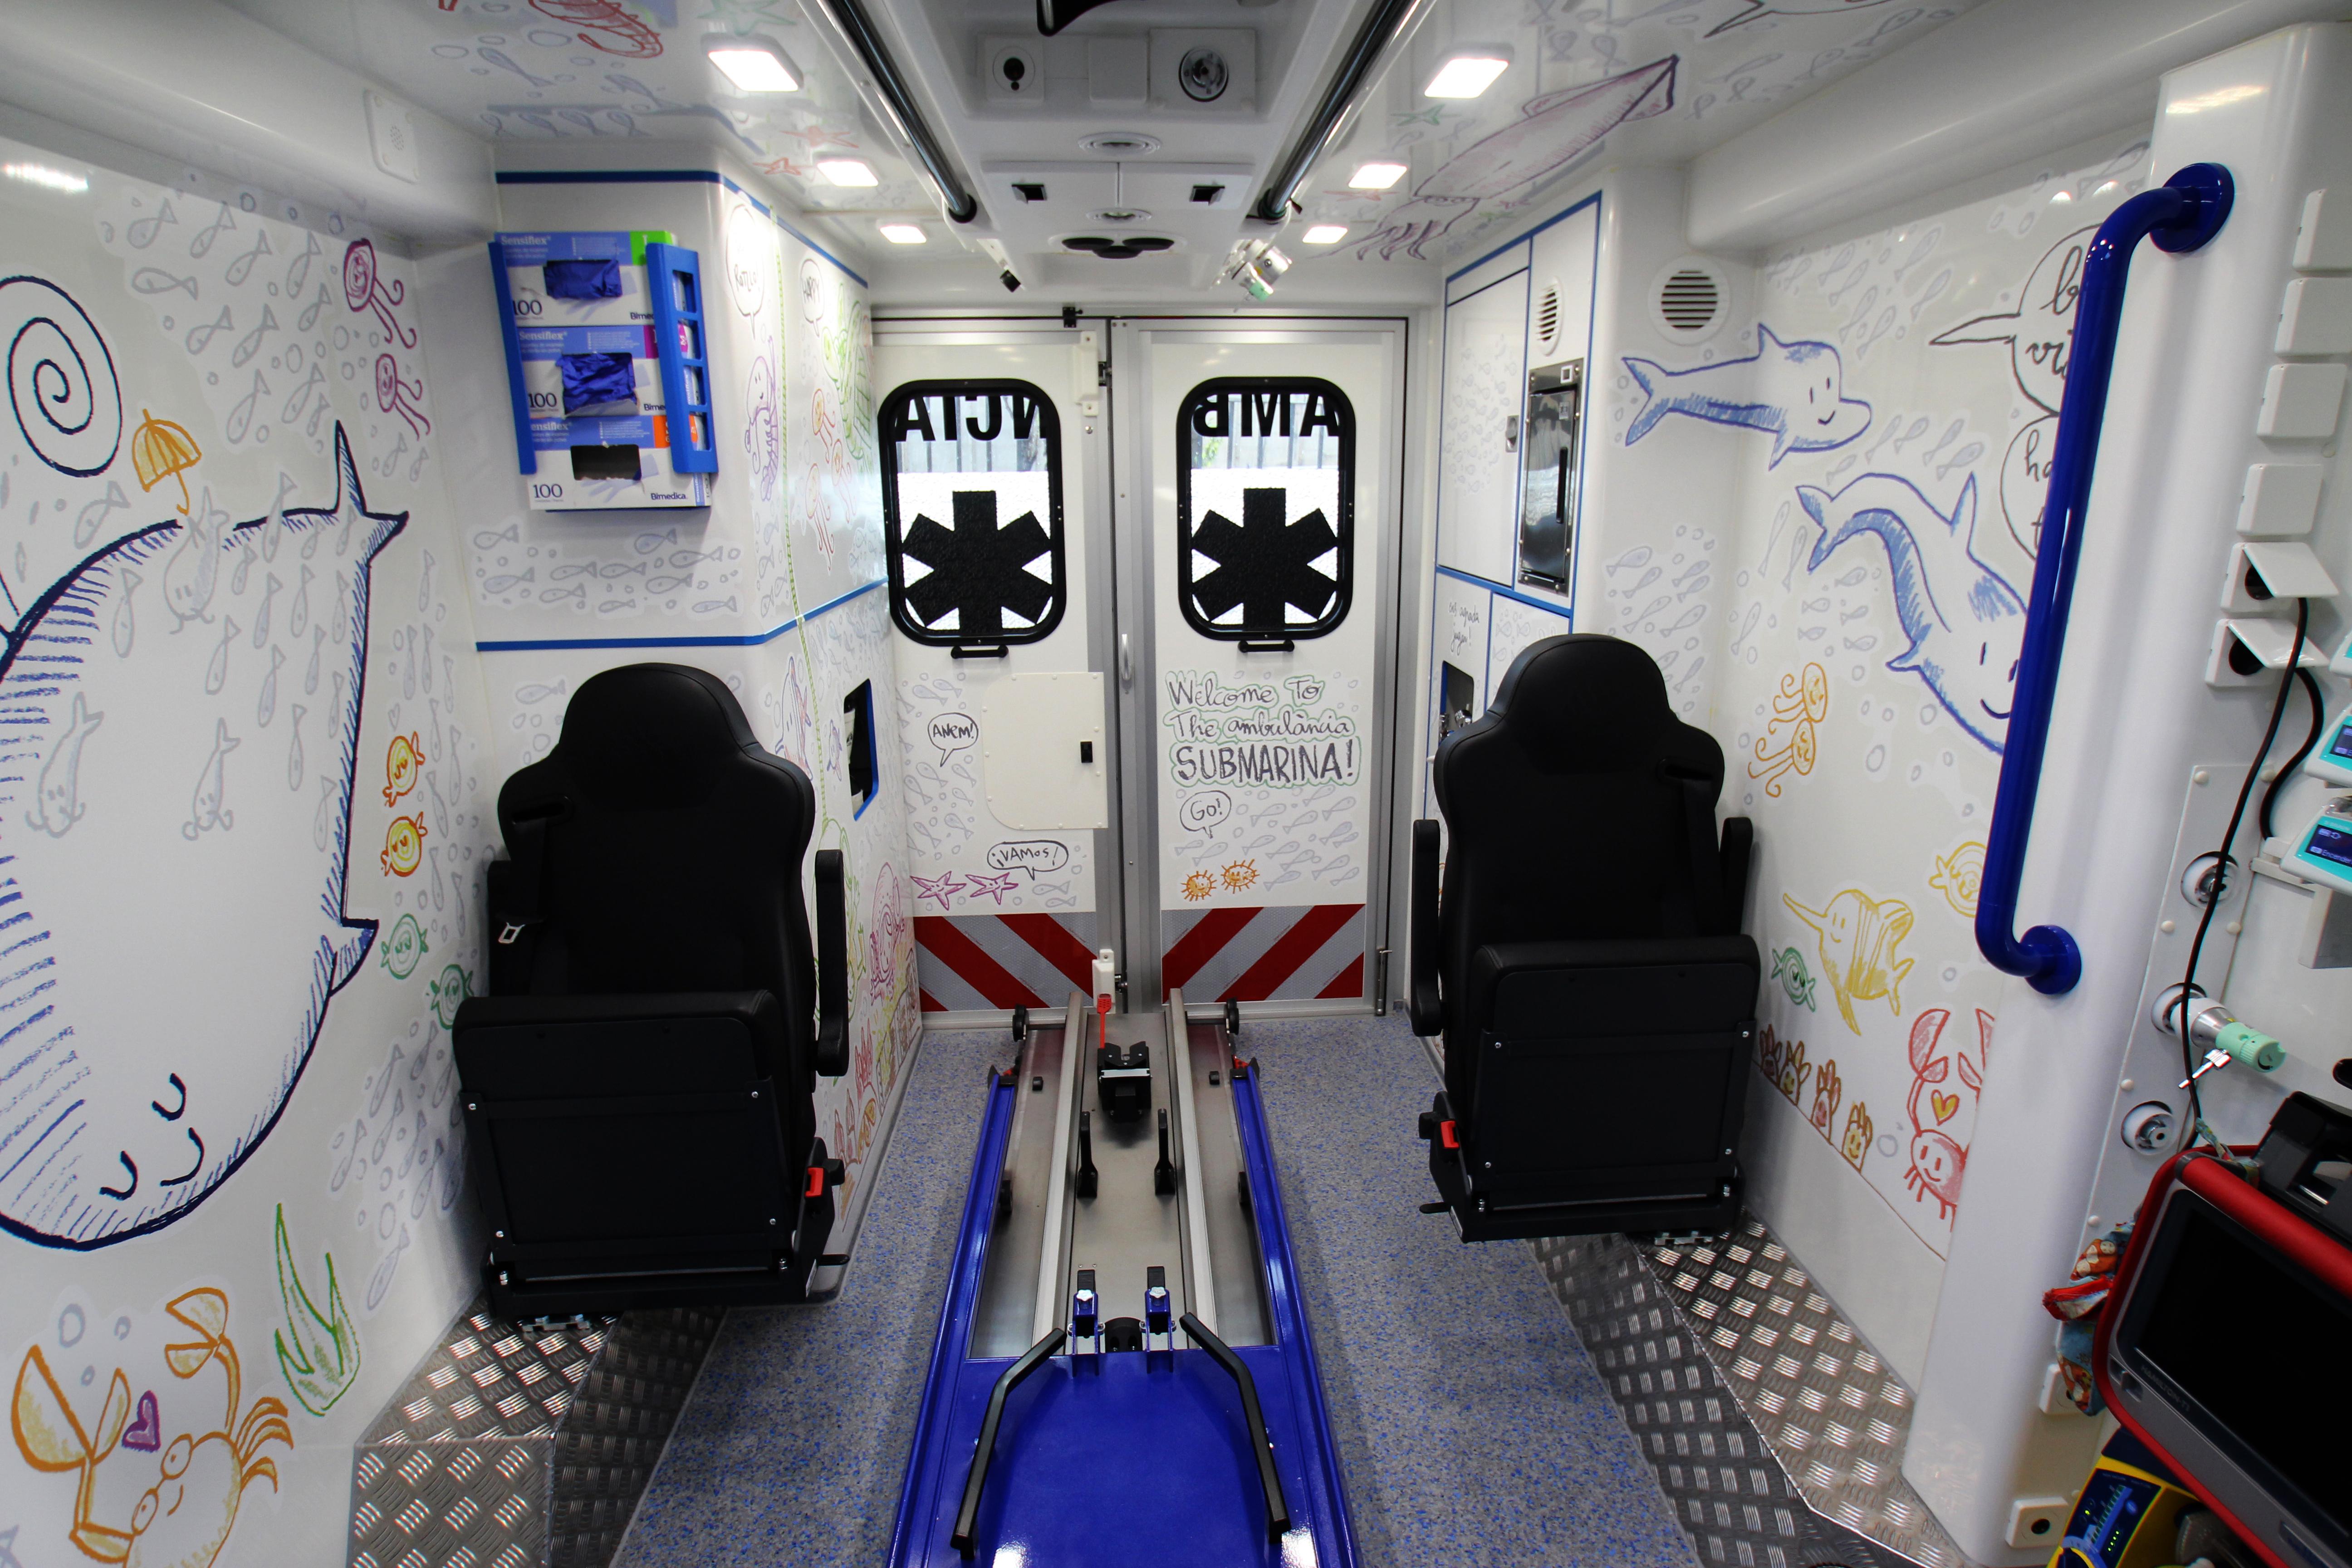 Benvinguts a l'ambulància submarina